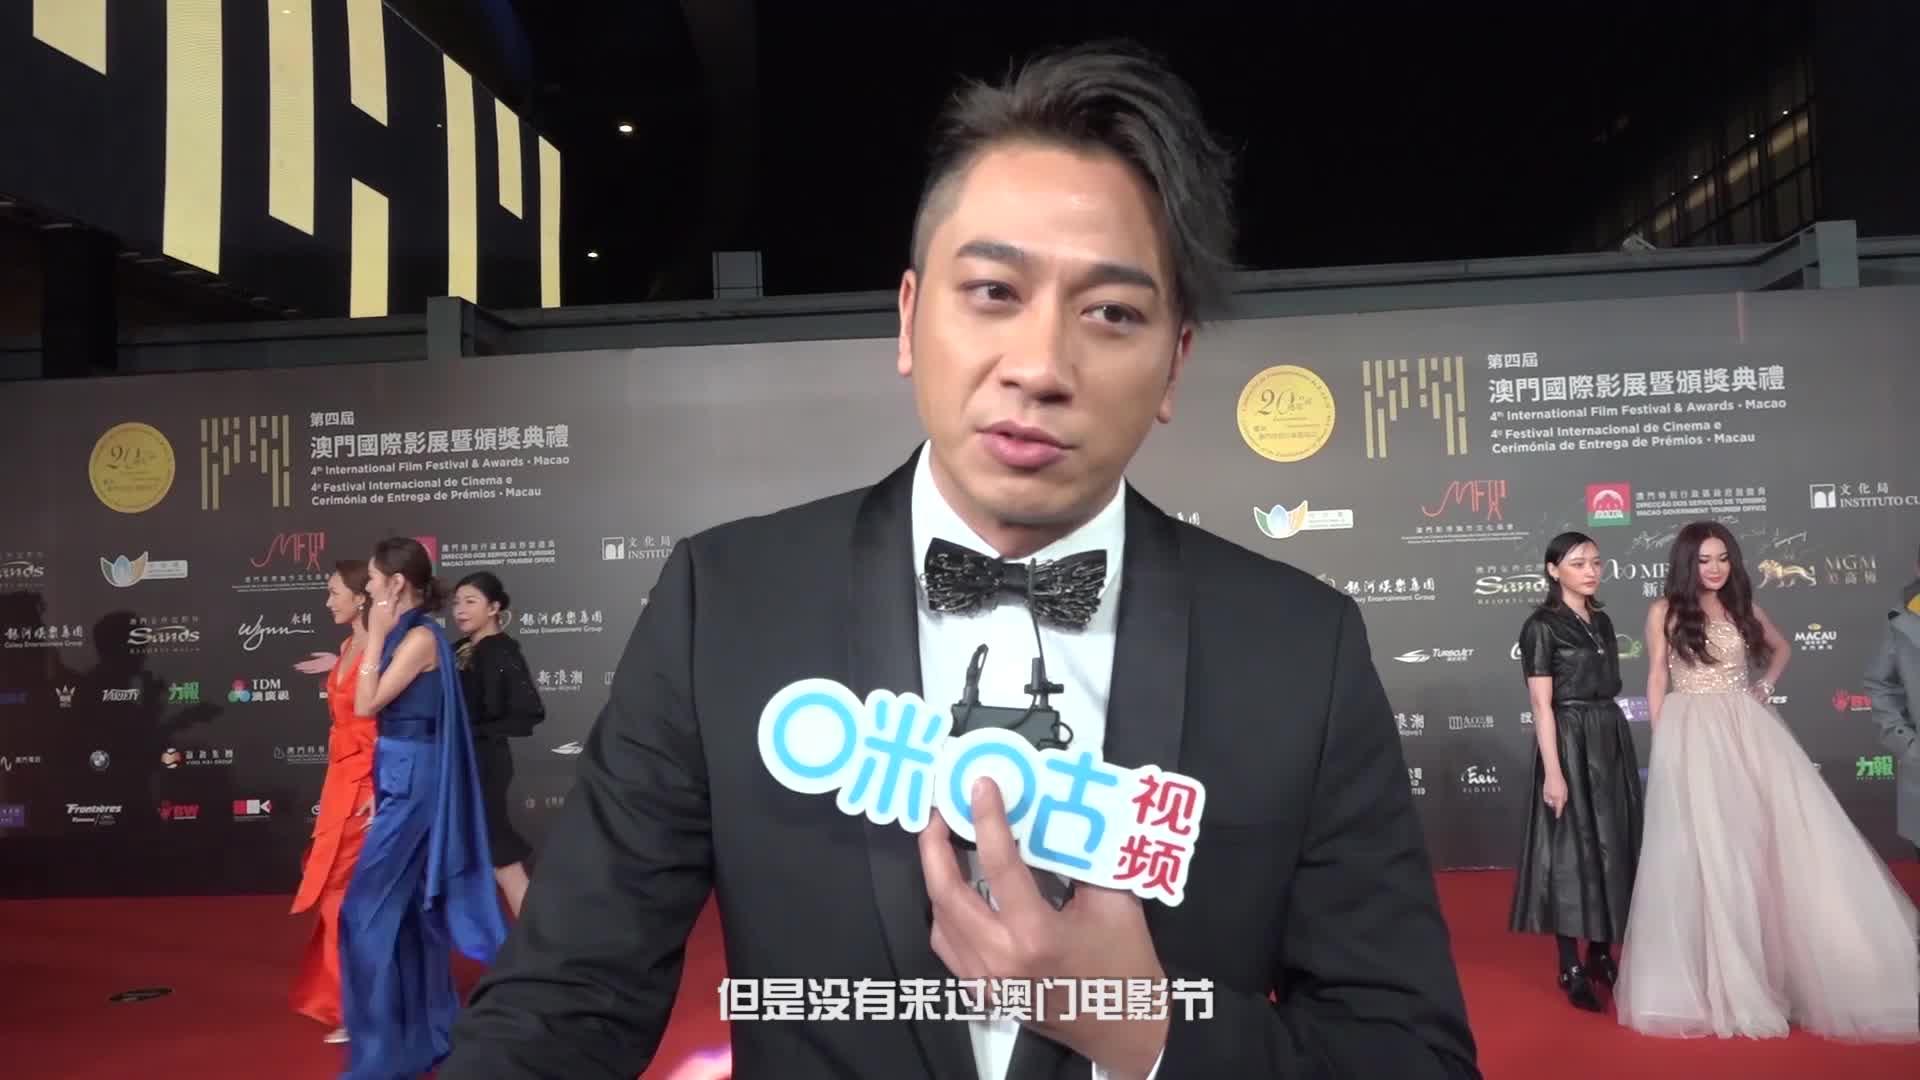 吴卓羲:我希望挑战用特别的方式表达自己